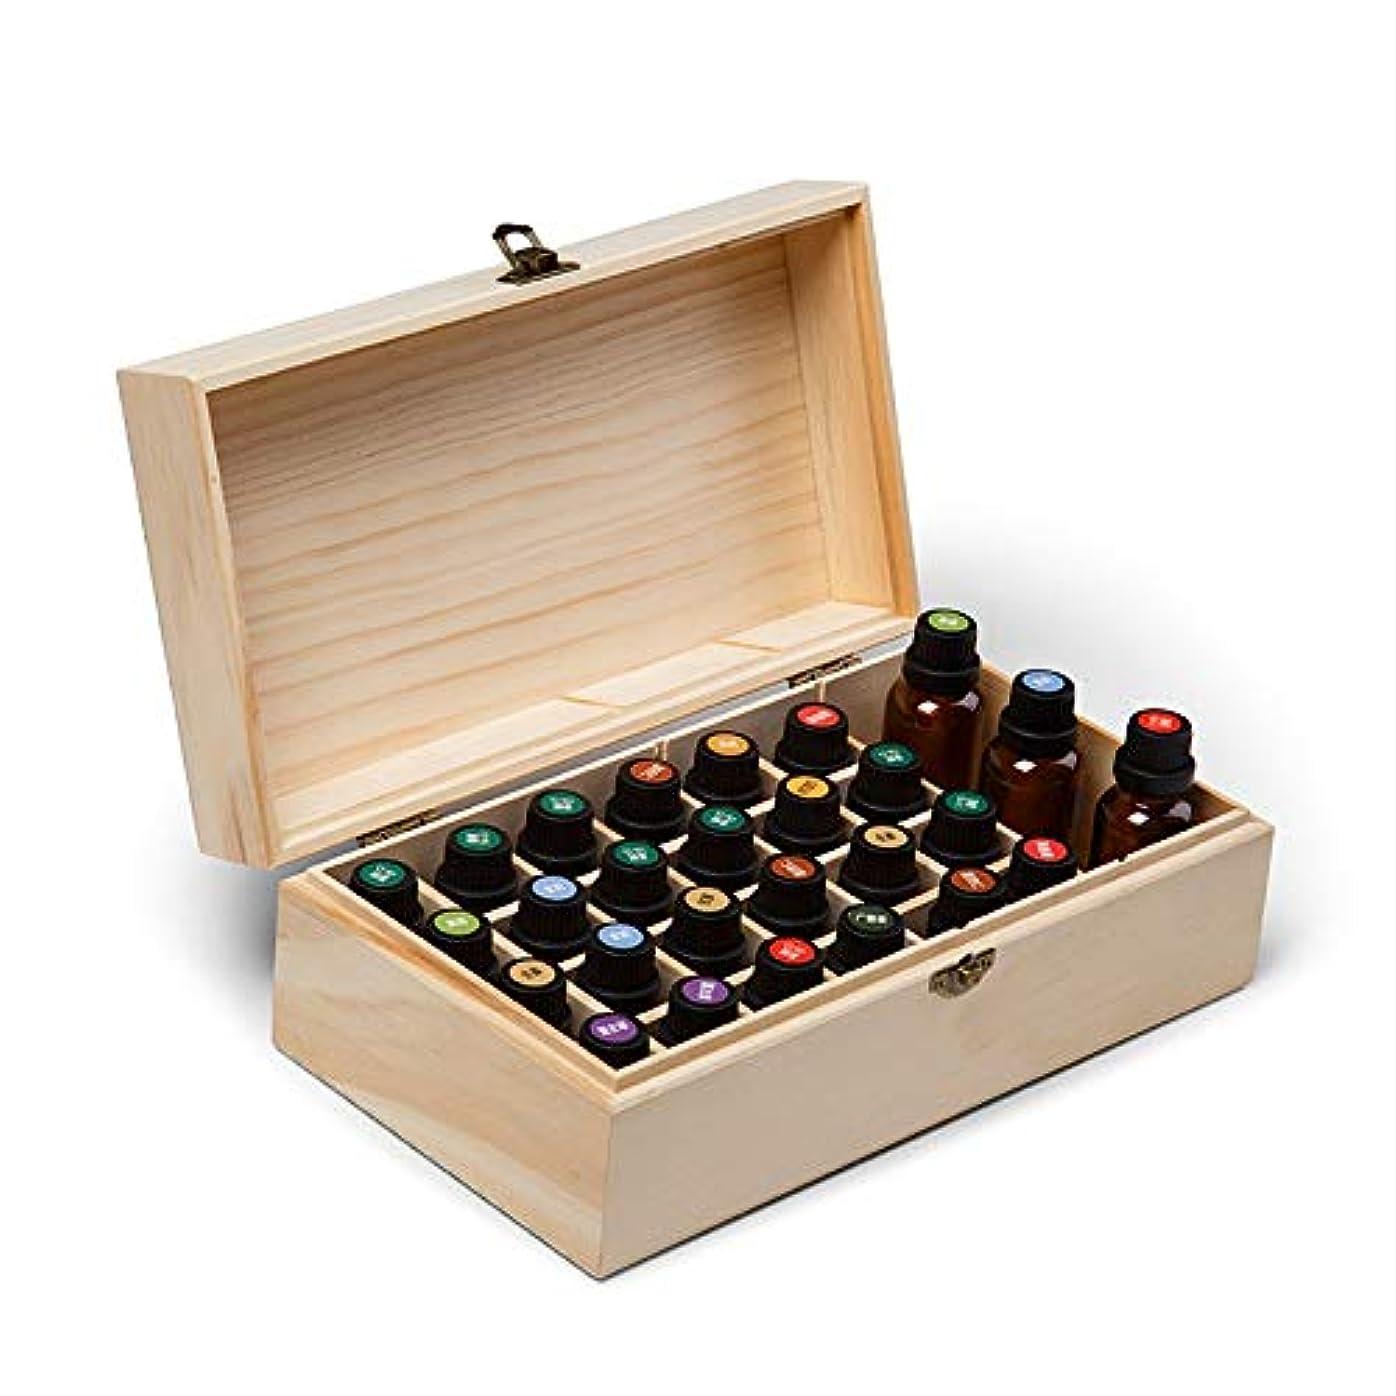 アサー入り口ブルゴーニュエッセンシャルオイルの保管 エッセンシャルオイル木箱油収納ケースは、25本のボトルナチュラルパインを開催します (色 : Natural, サイズ : 27X15X10CM)